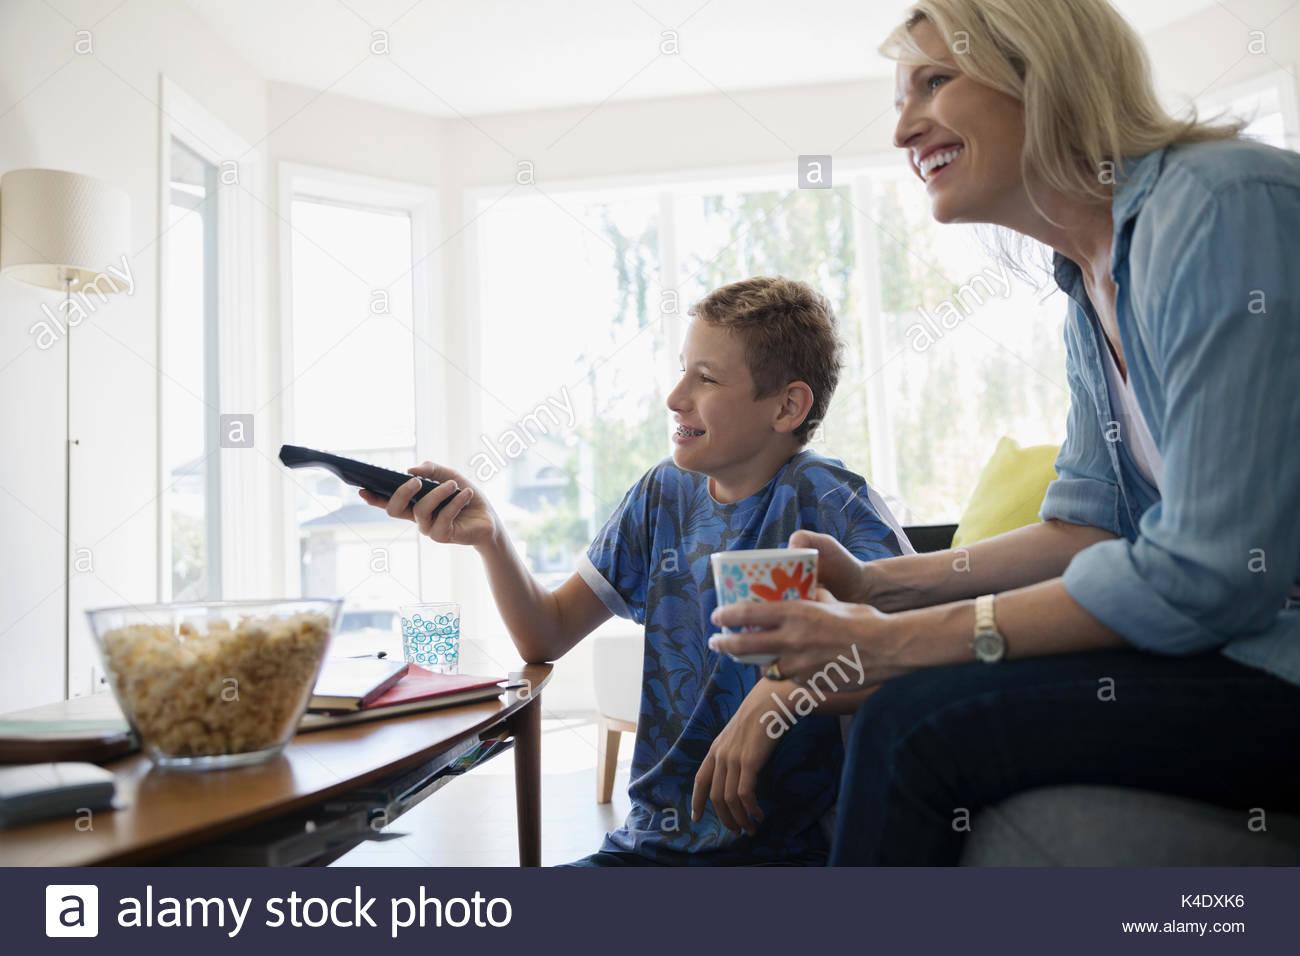 Mère et fils pré-adolescents de regarder la télévision et manger du maïs soufflé dans la salle de séjour Photo Stock